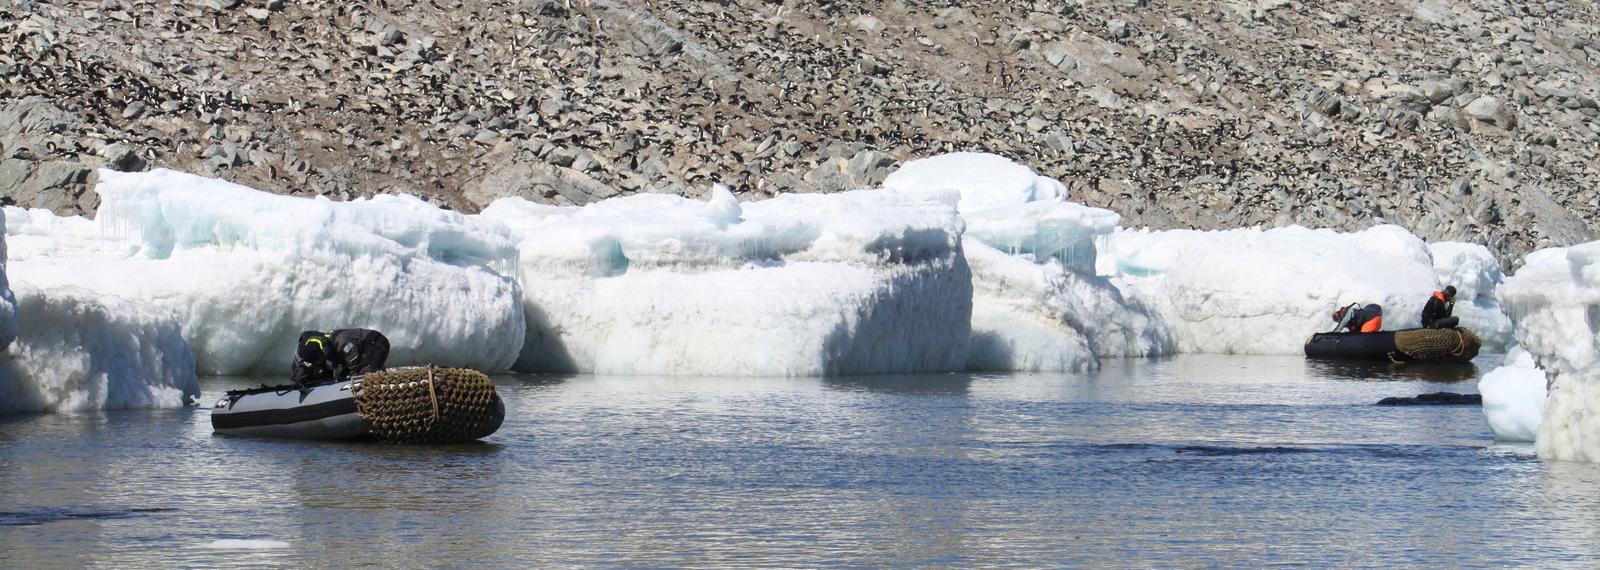 Antarctica, Danger Islands, Heroina Island